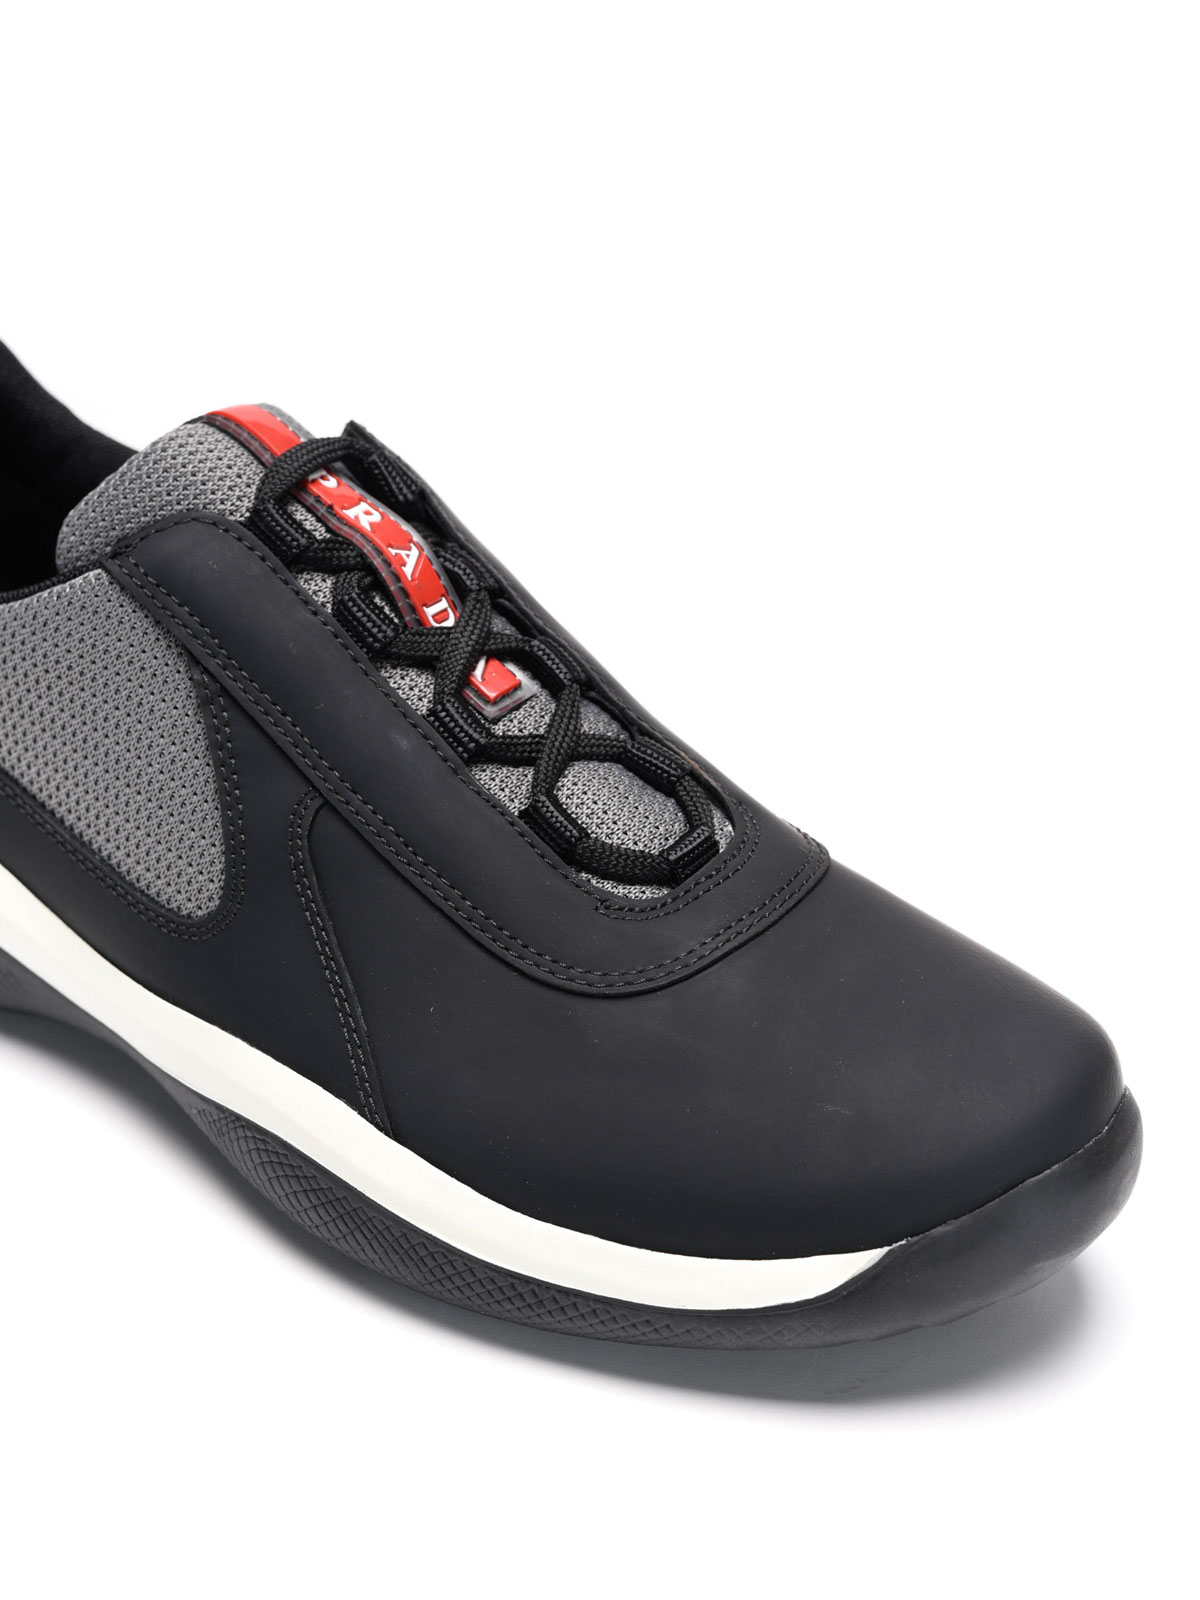 4eecaba7773b Homme Chaussures Prada Rossa De Noir Baskets Pour Linea Sport vXqav7